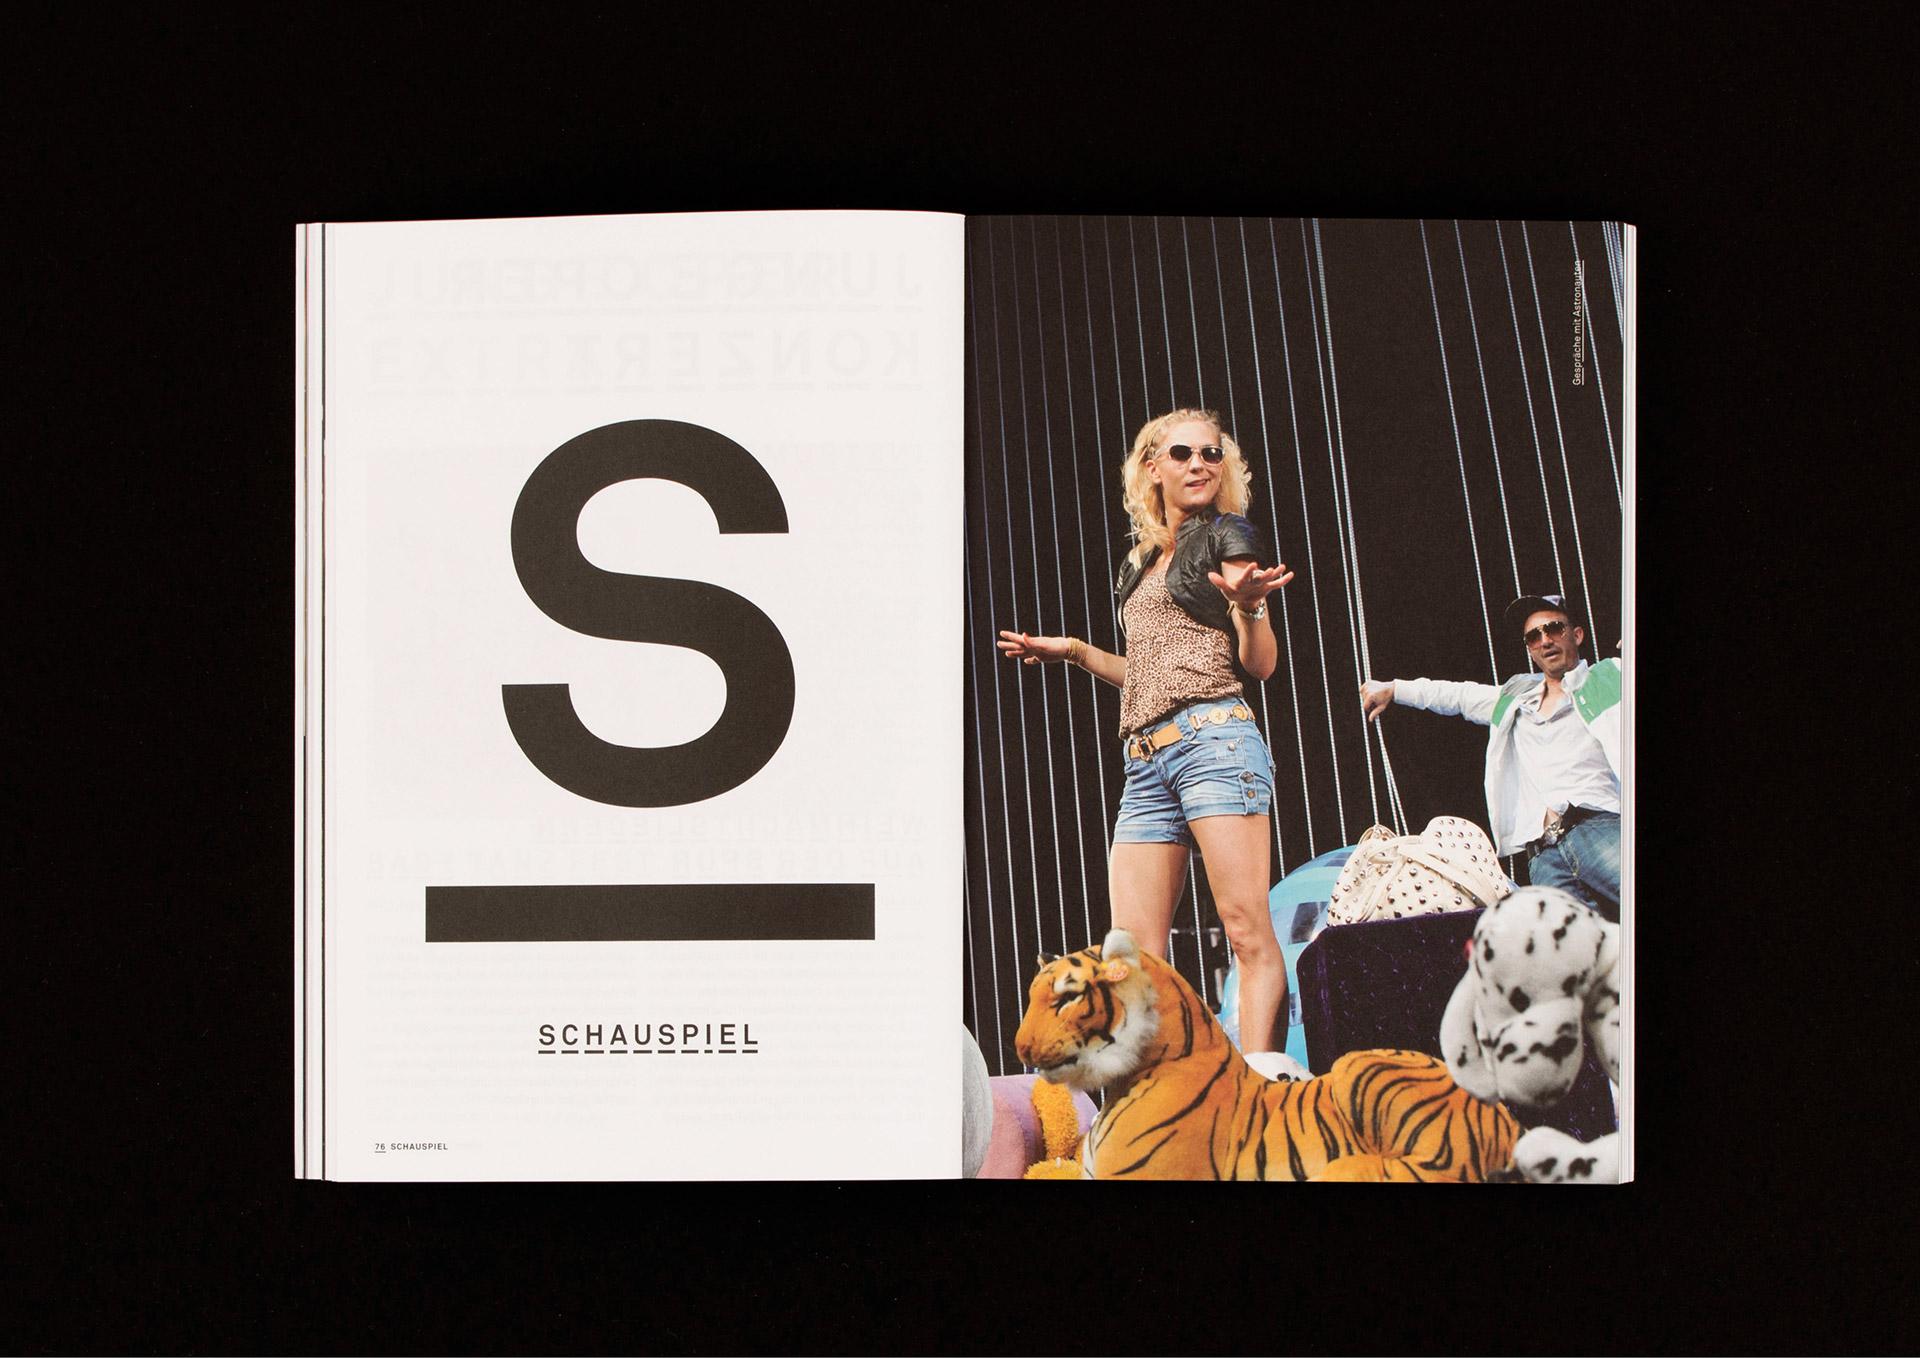 Martin-Steiner-Gestaltung99_b